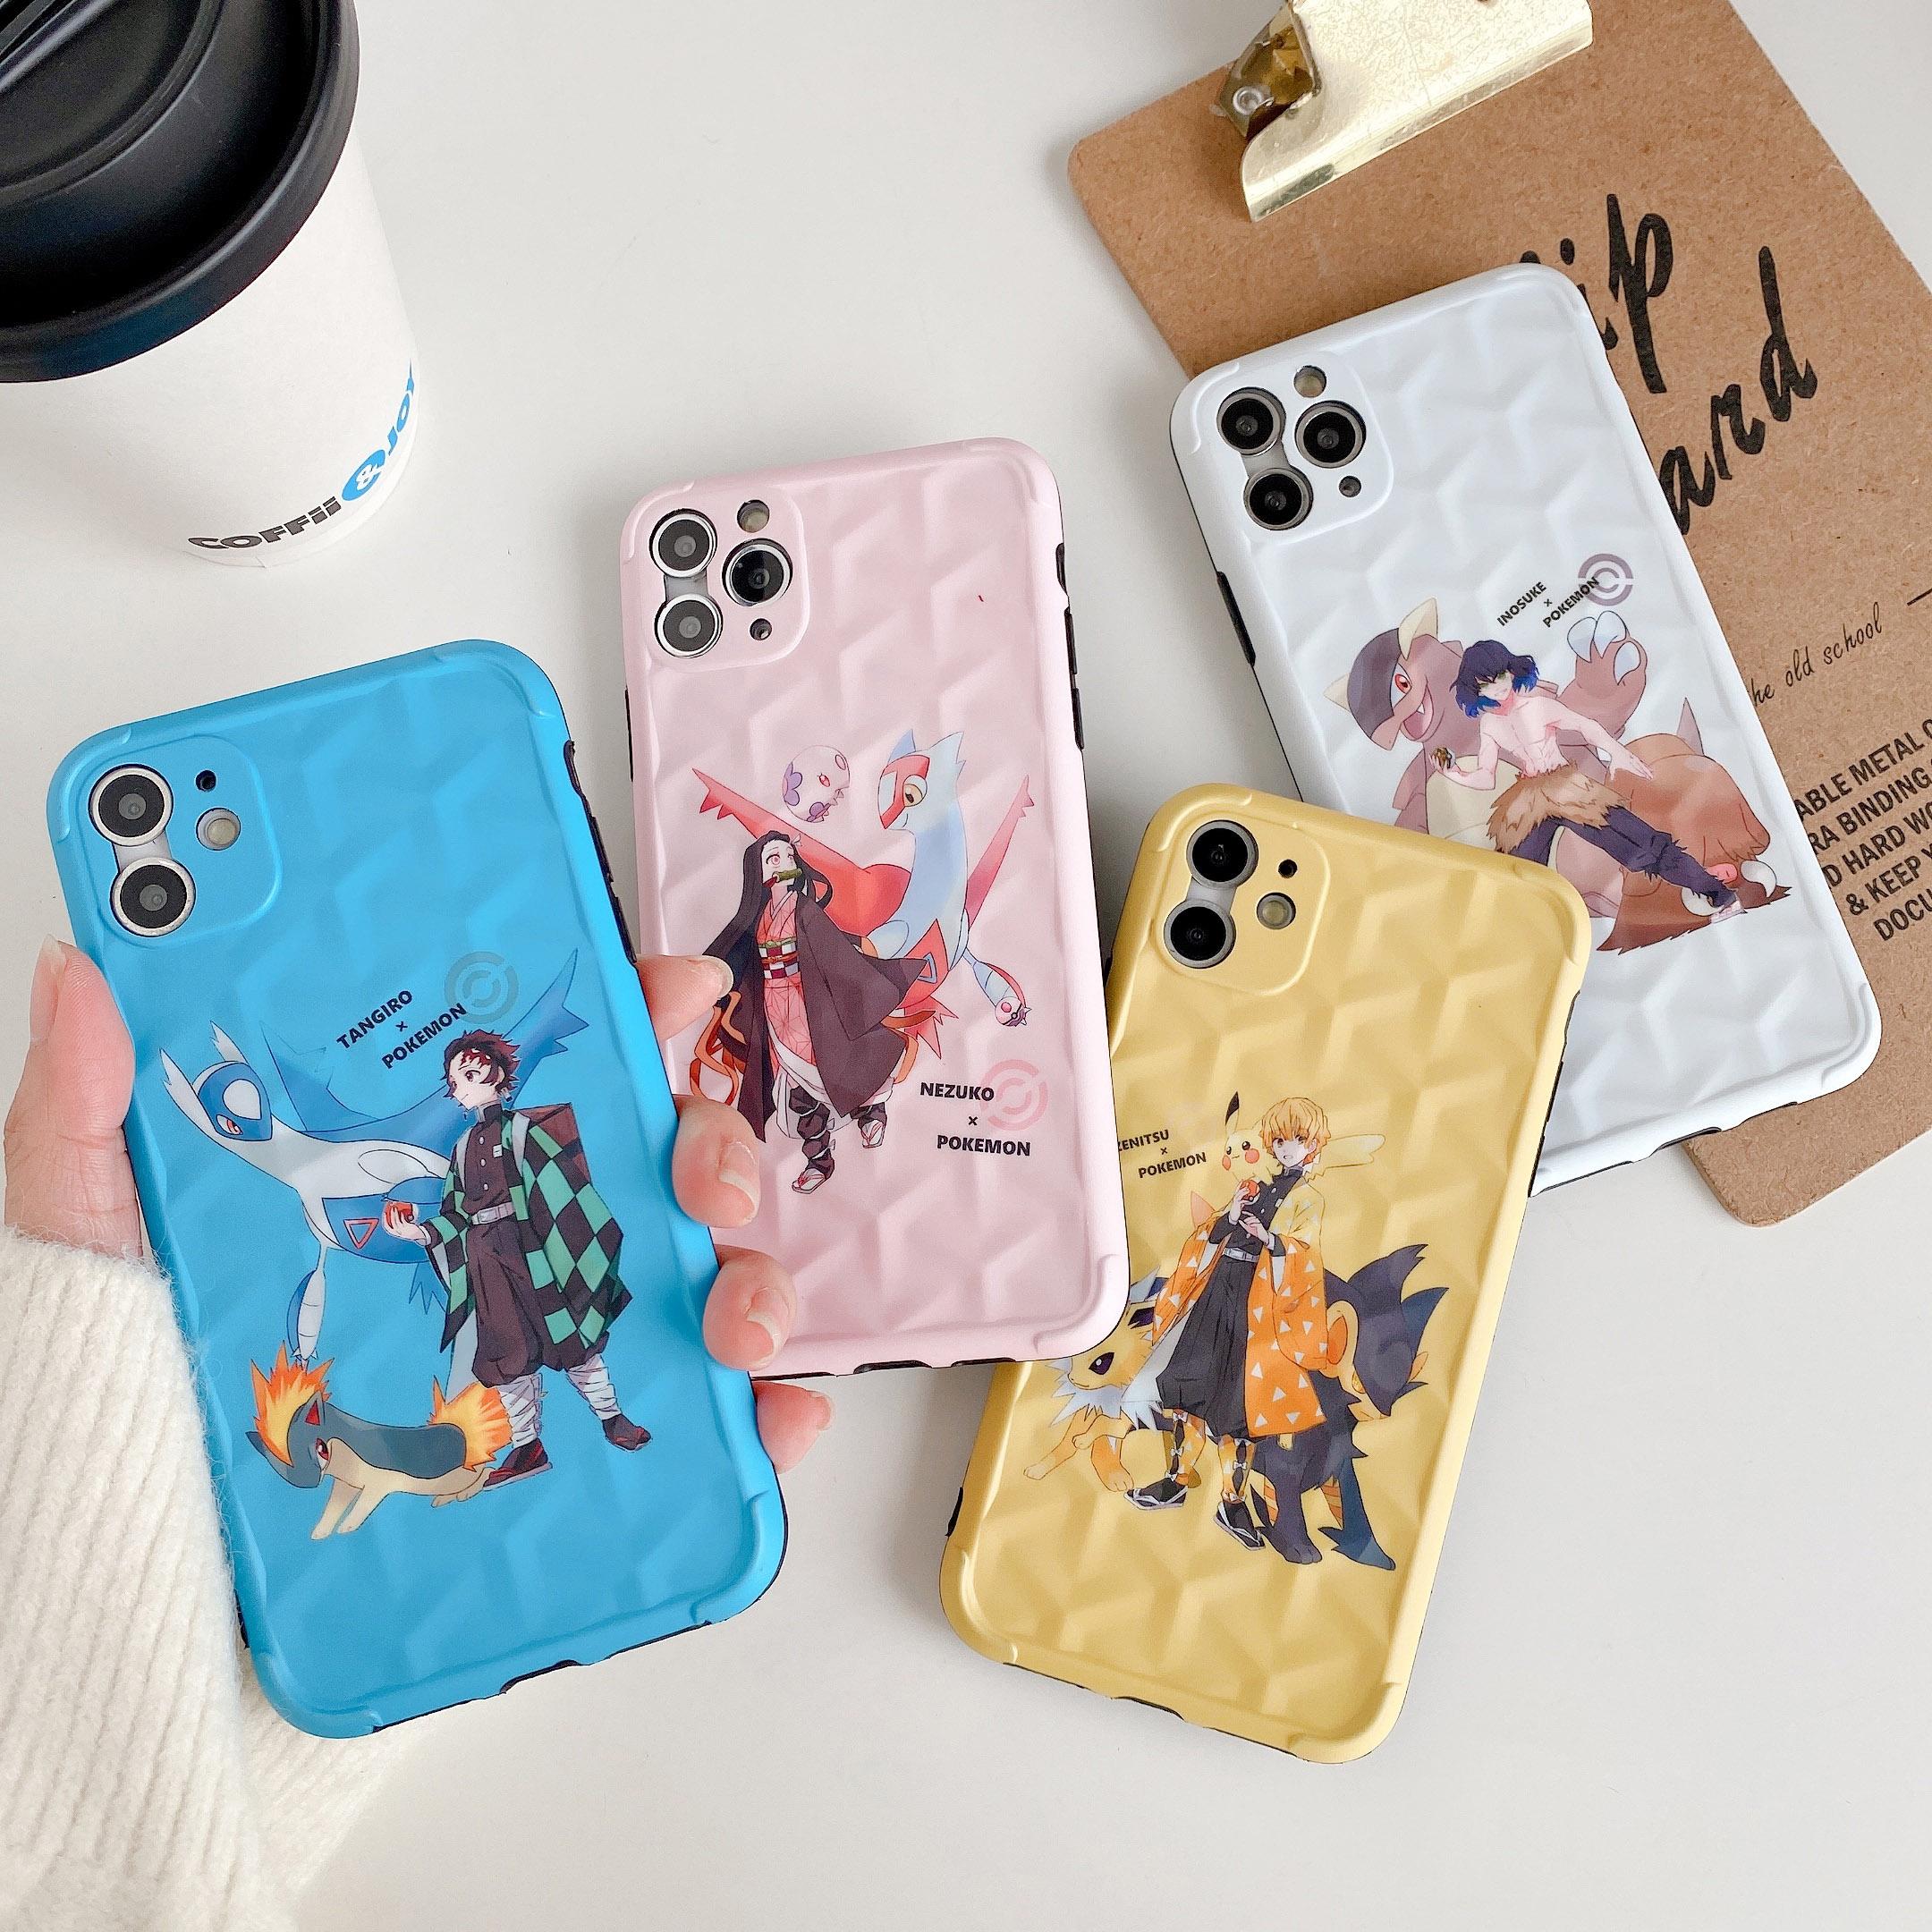 เคสโทรศัพท์ ดาบพิฆาตอสูร เคส iphone 11 pro xs max xr i8 7 plus เคสไอโฟน7พลัส se2020 kimetsu no yaiba